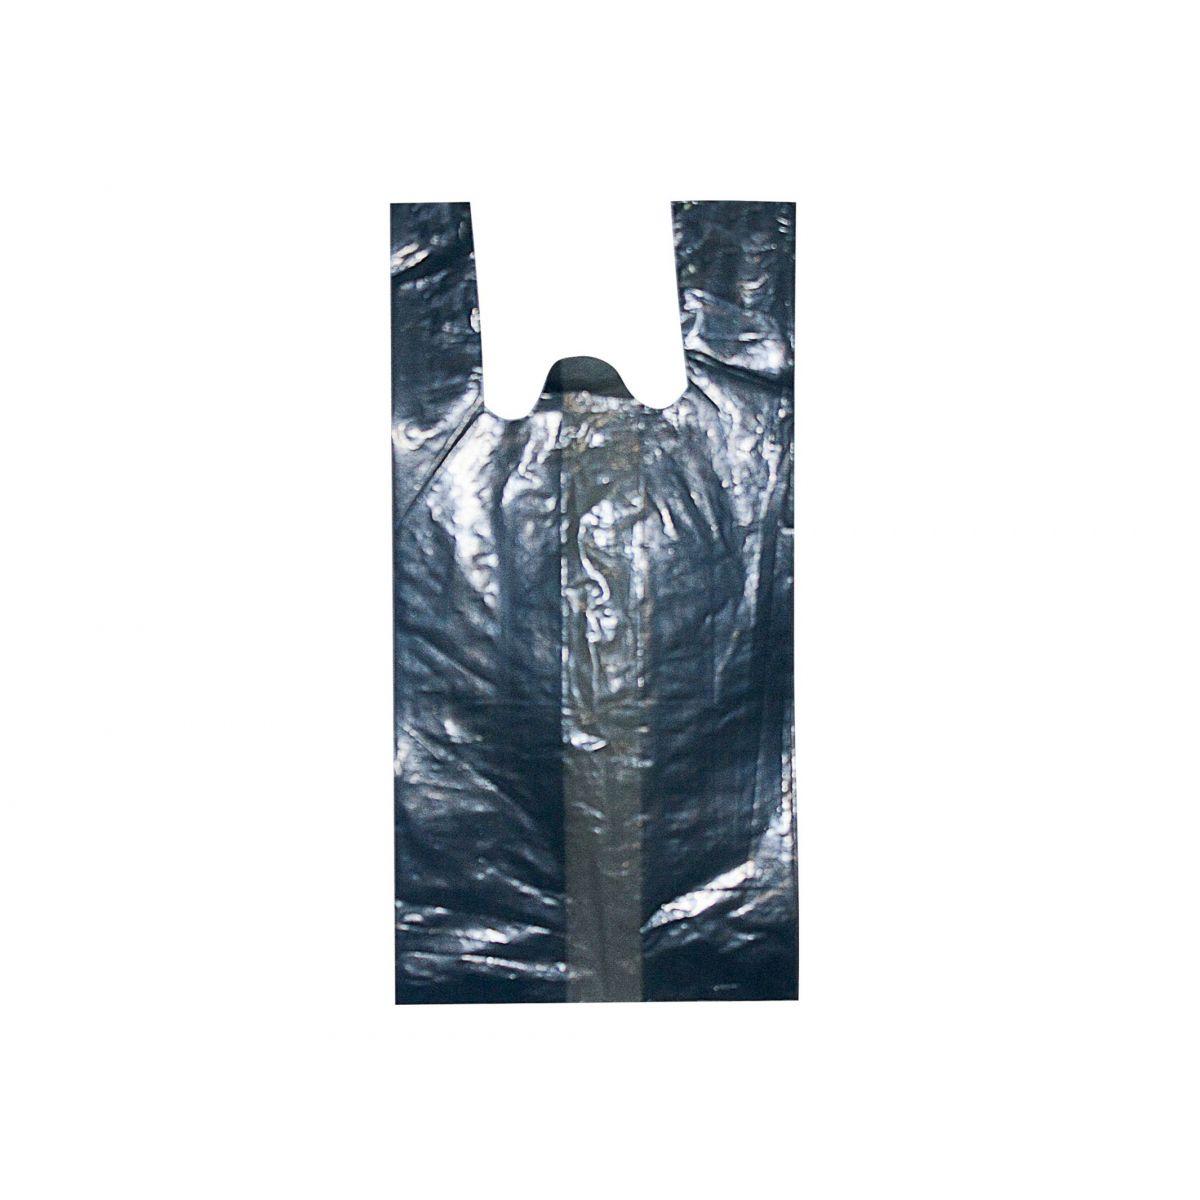 Sacola plástica Alça Camiseta - Preta Reciclada - 40x50cm - Pacote 315 unid (5 KG)